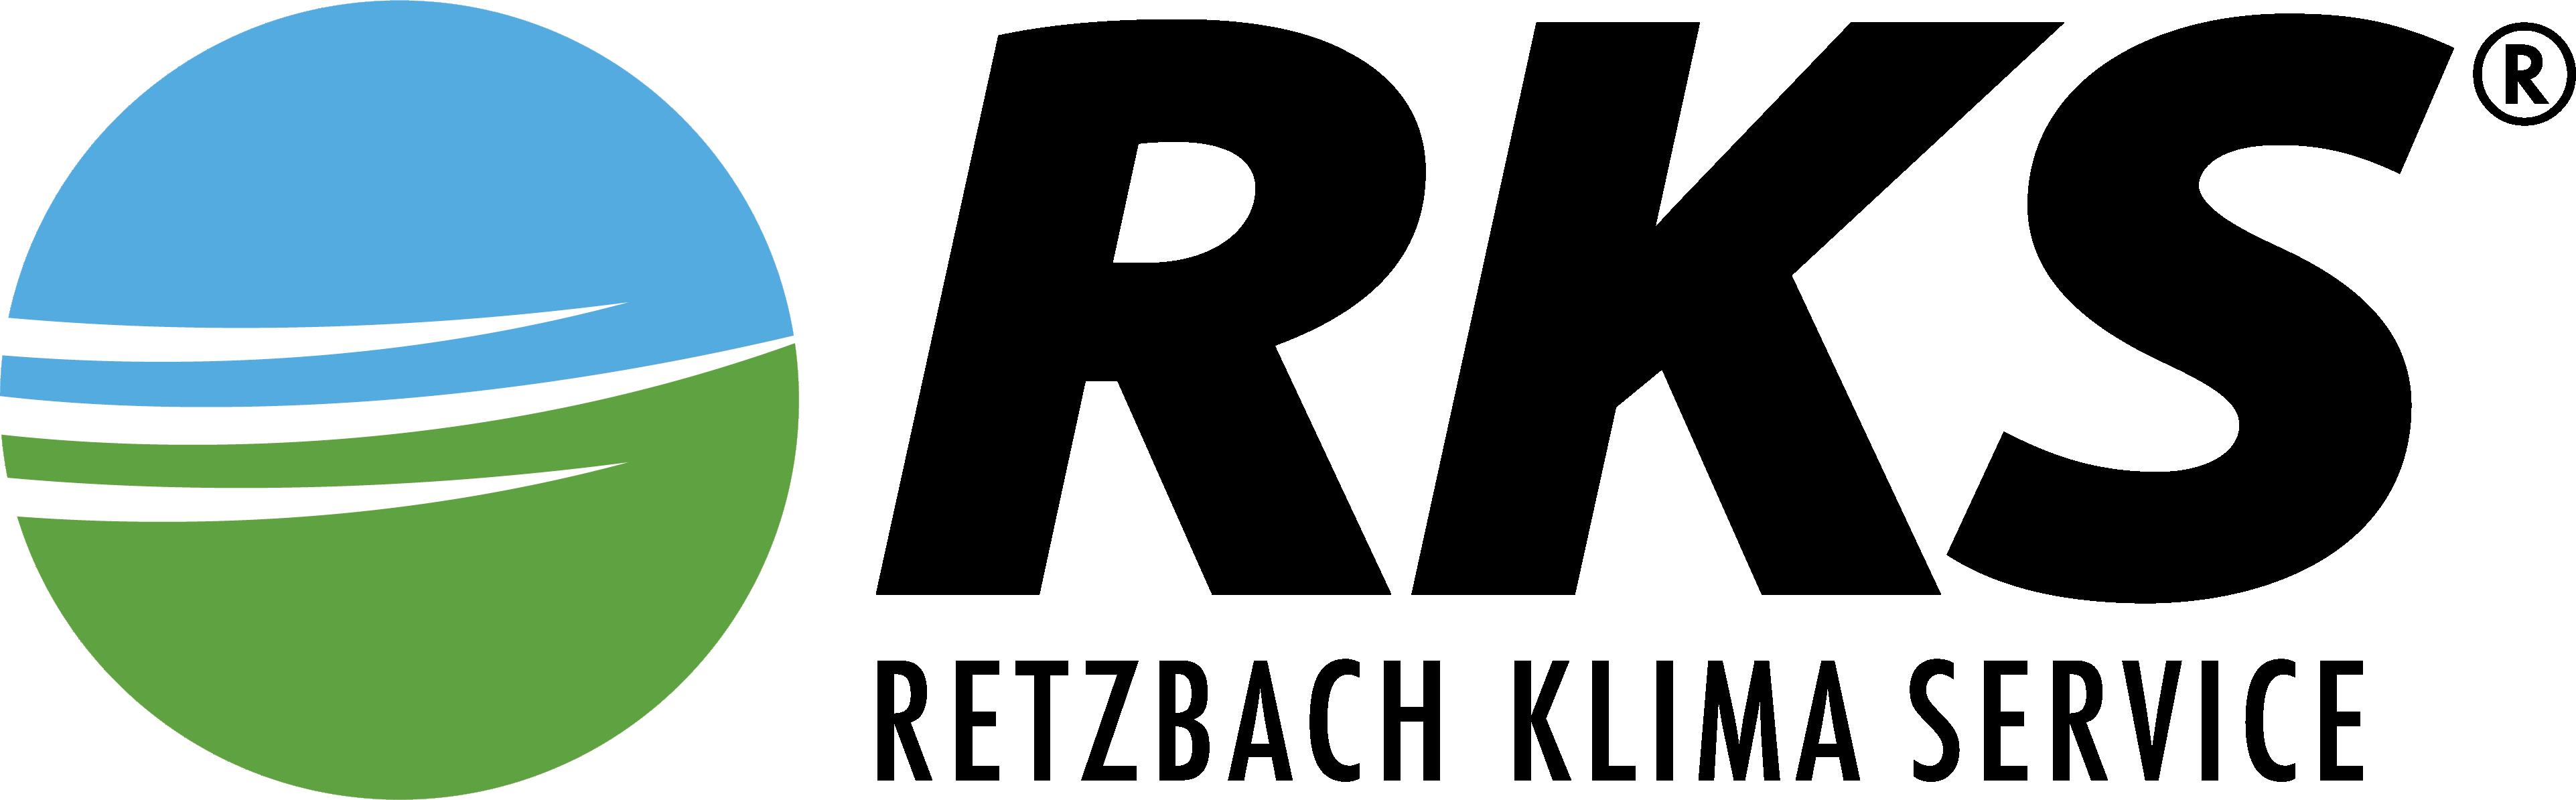 RKS_logo_4c